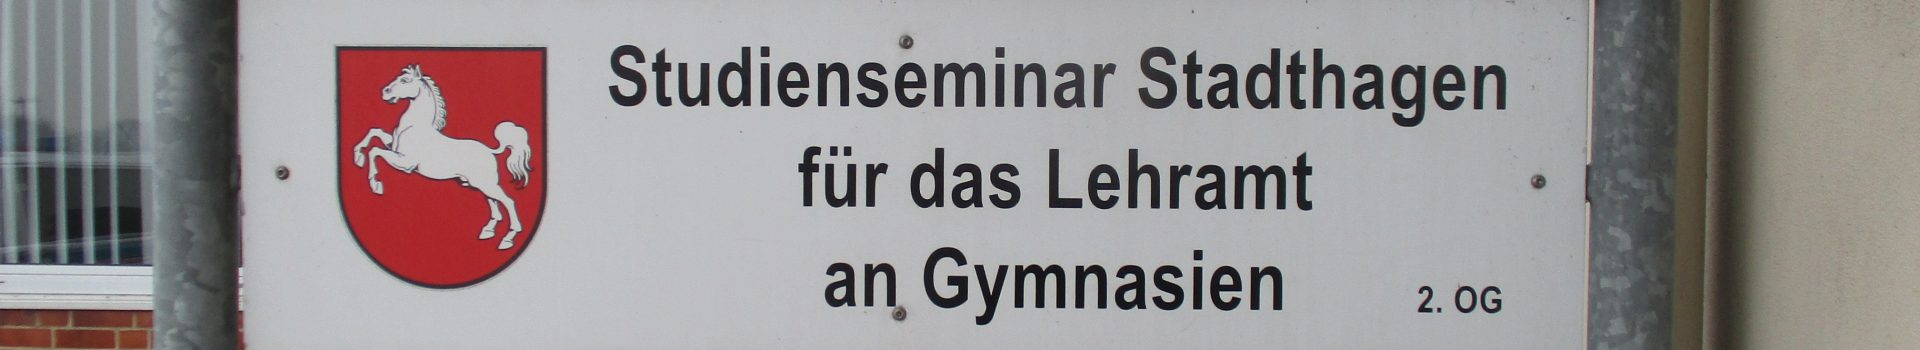 Studienseminar Stadthagen